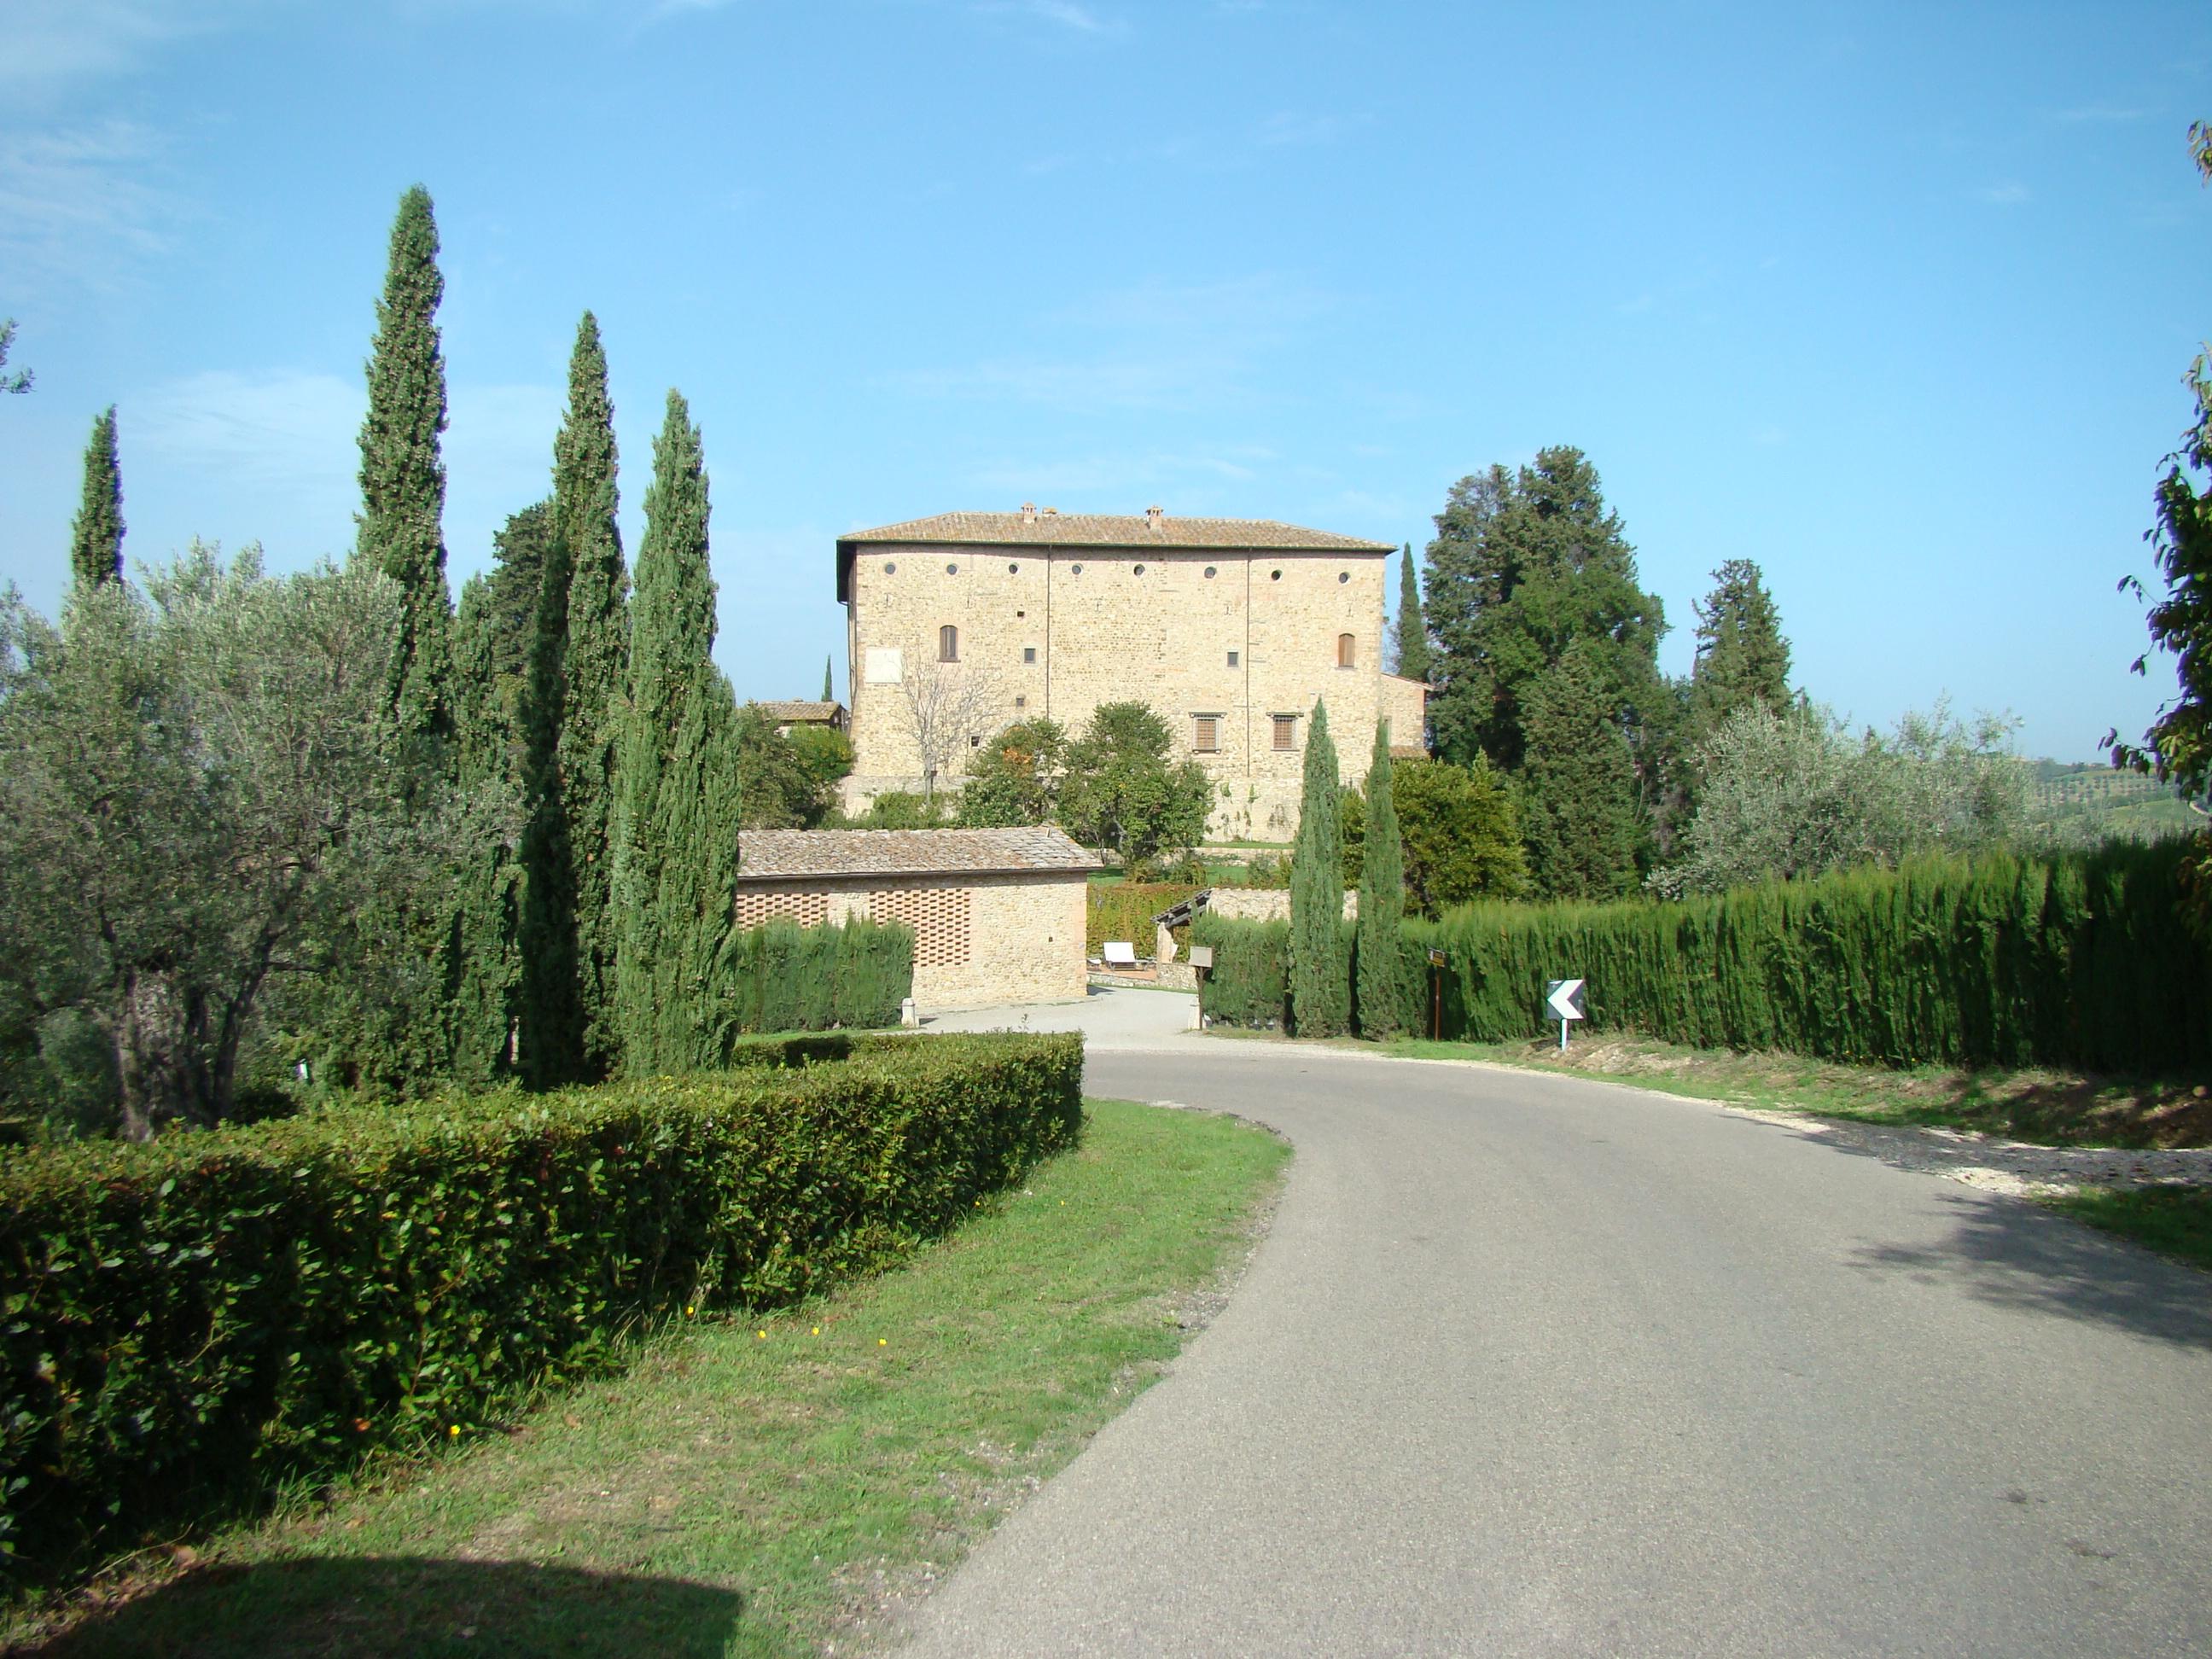 Castello di Bibbione (di Giuliana Profeti)